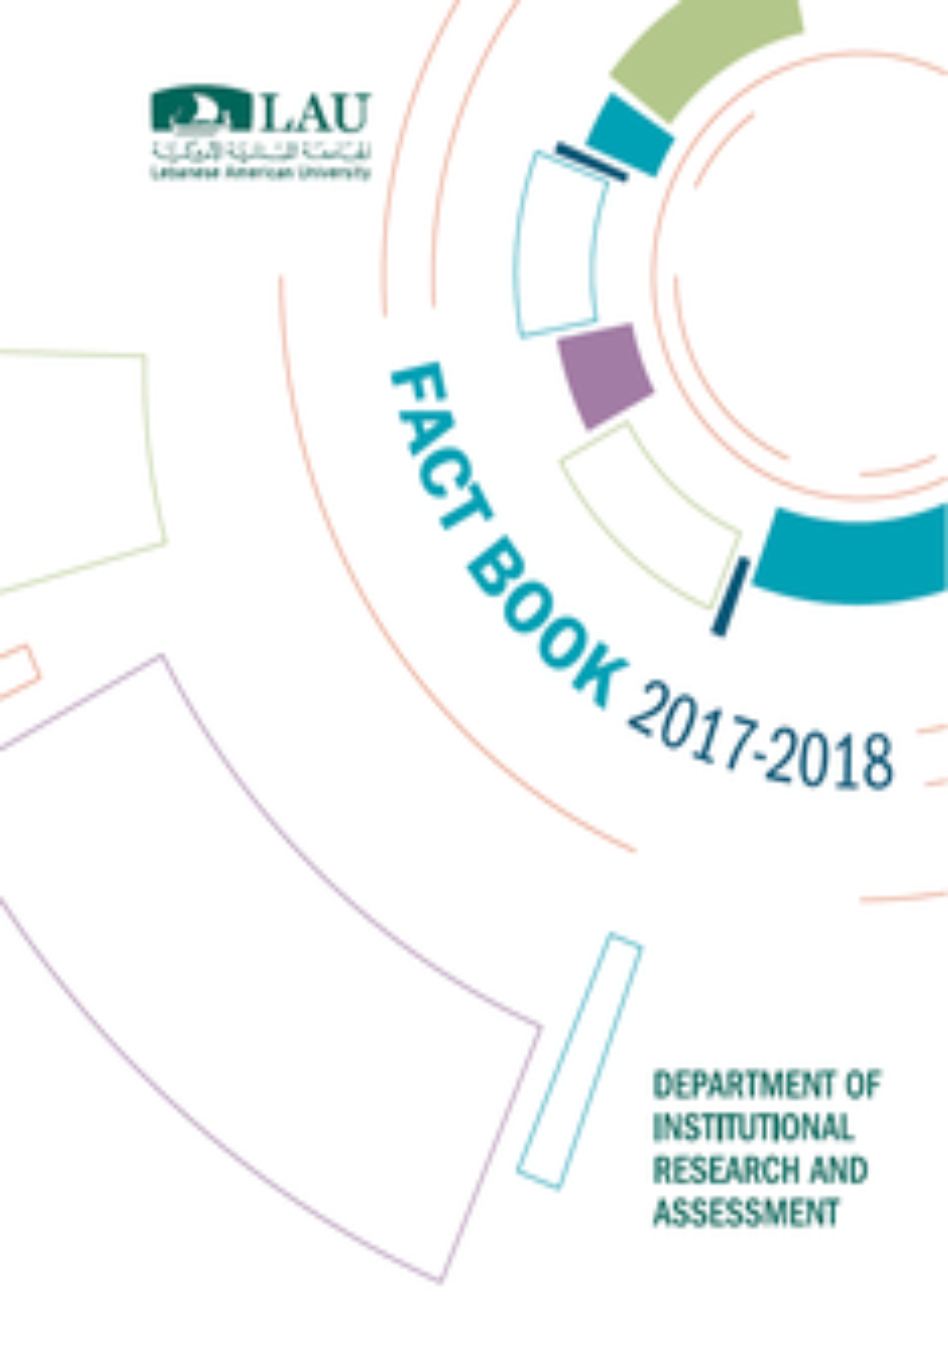 LAU Fact Book 2017-2018 Photo